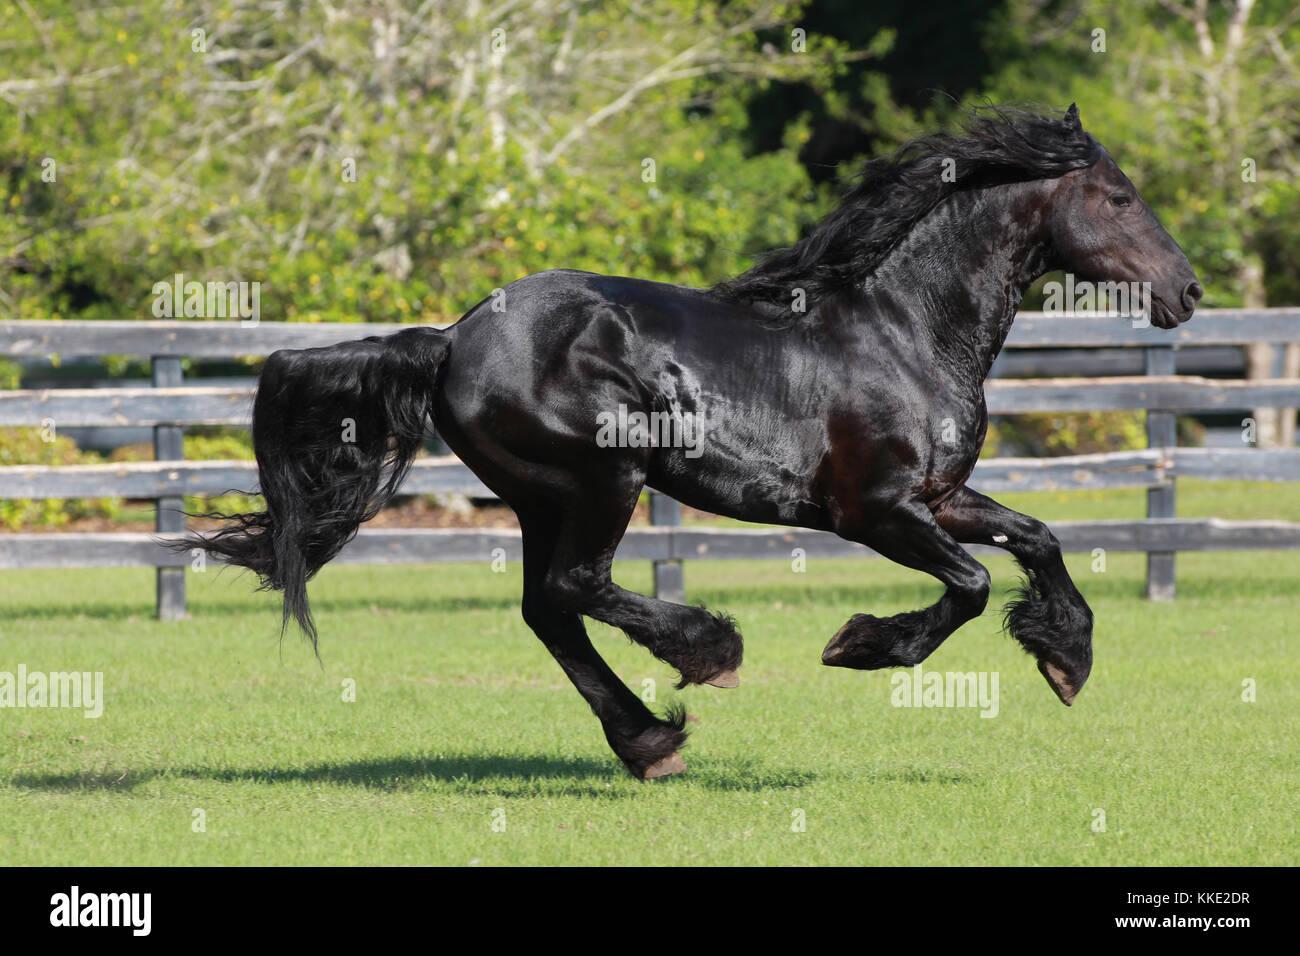 Friesian Horse Running Free - Stock Image